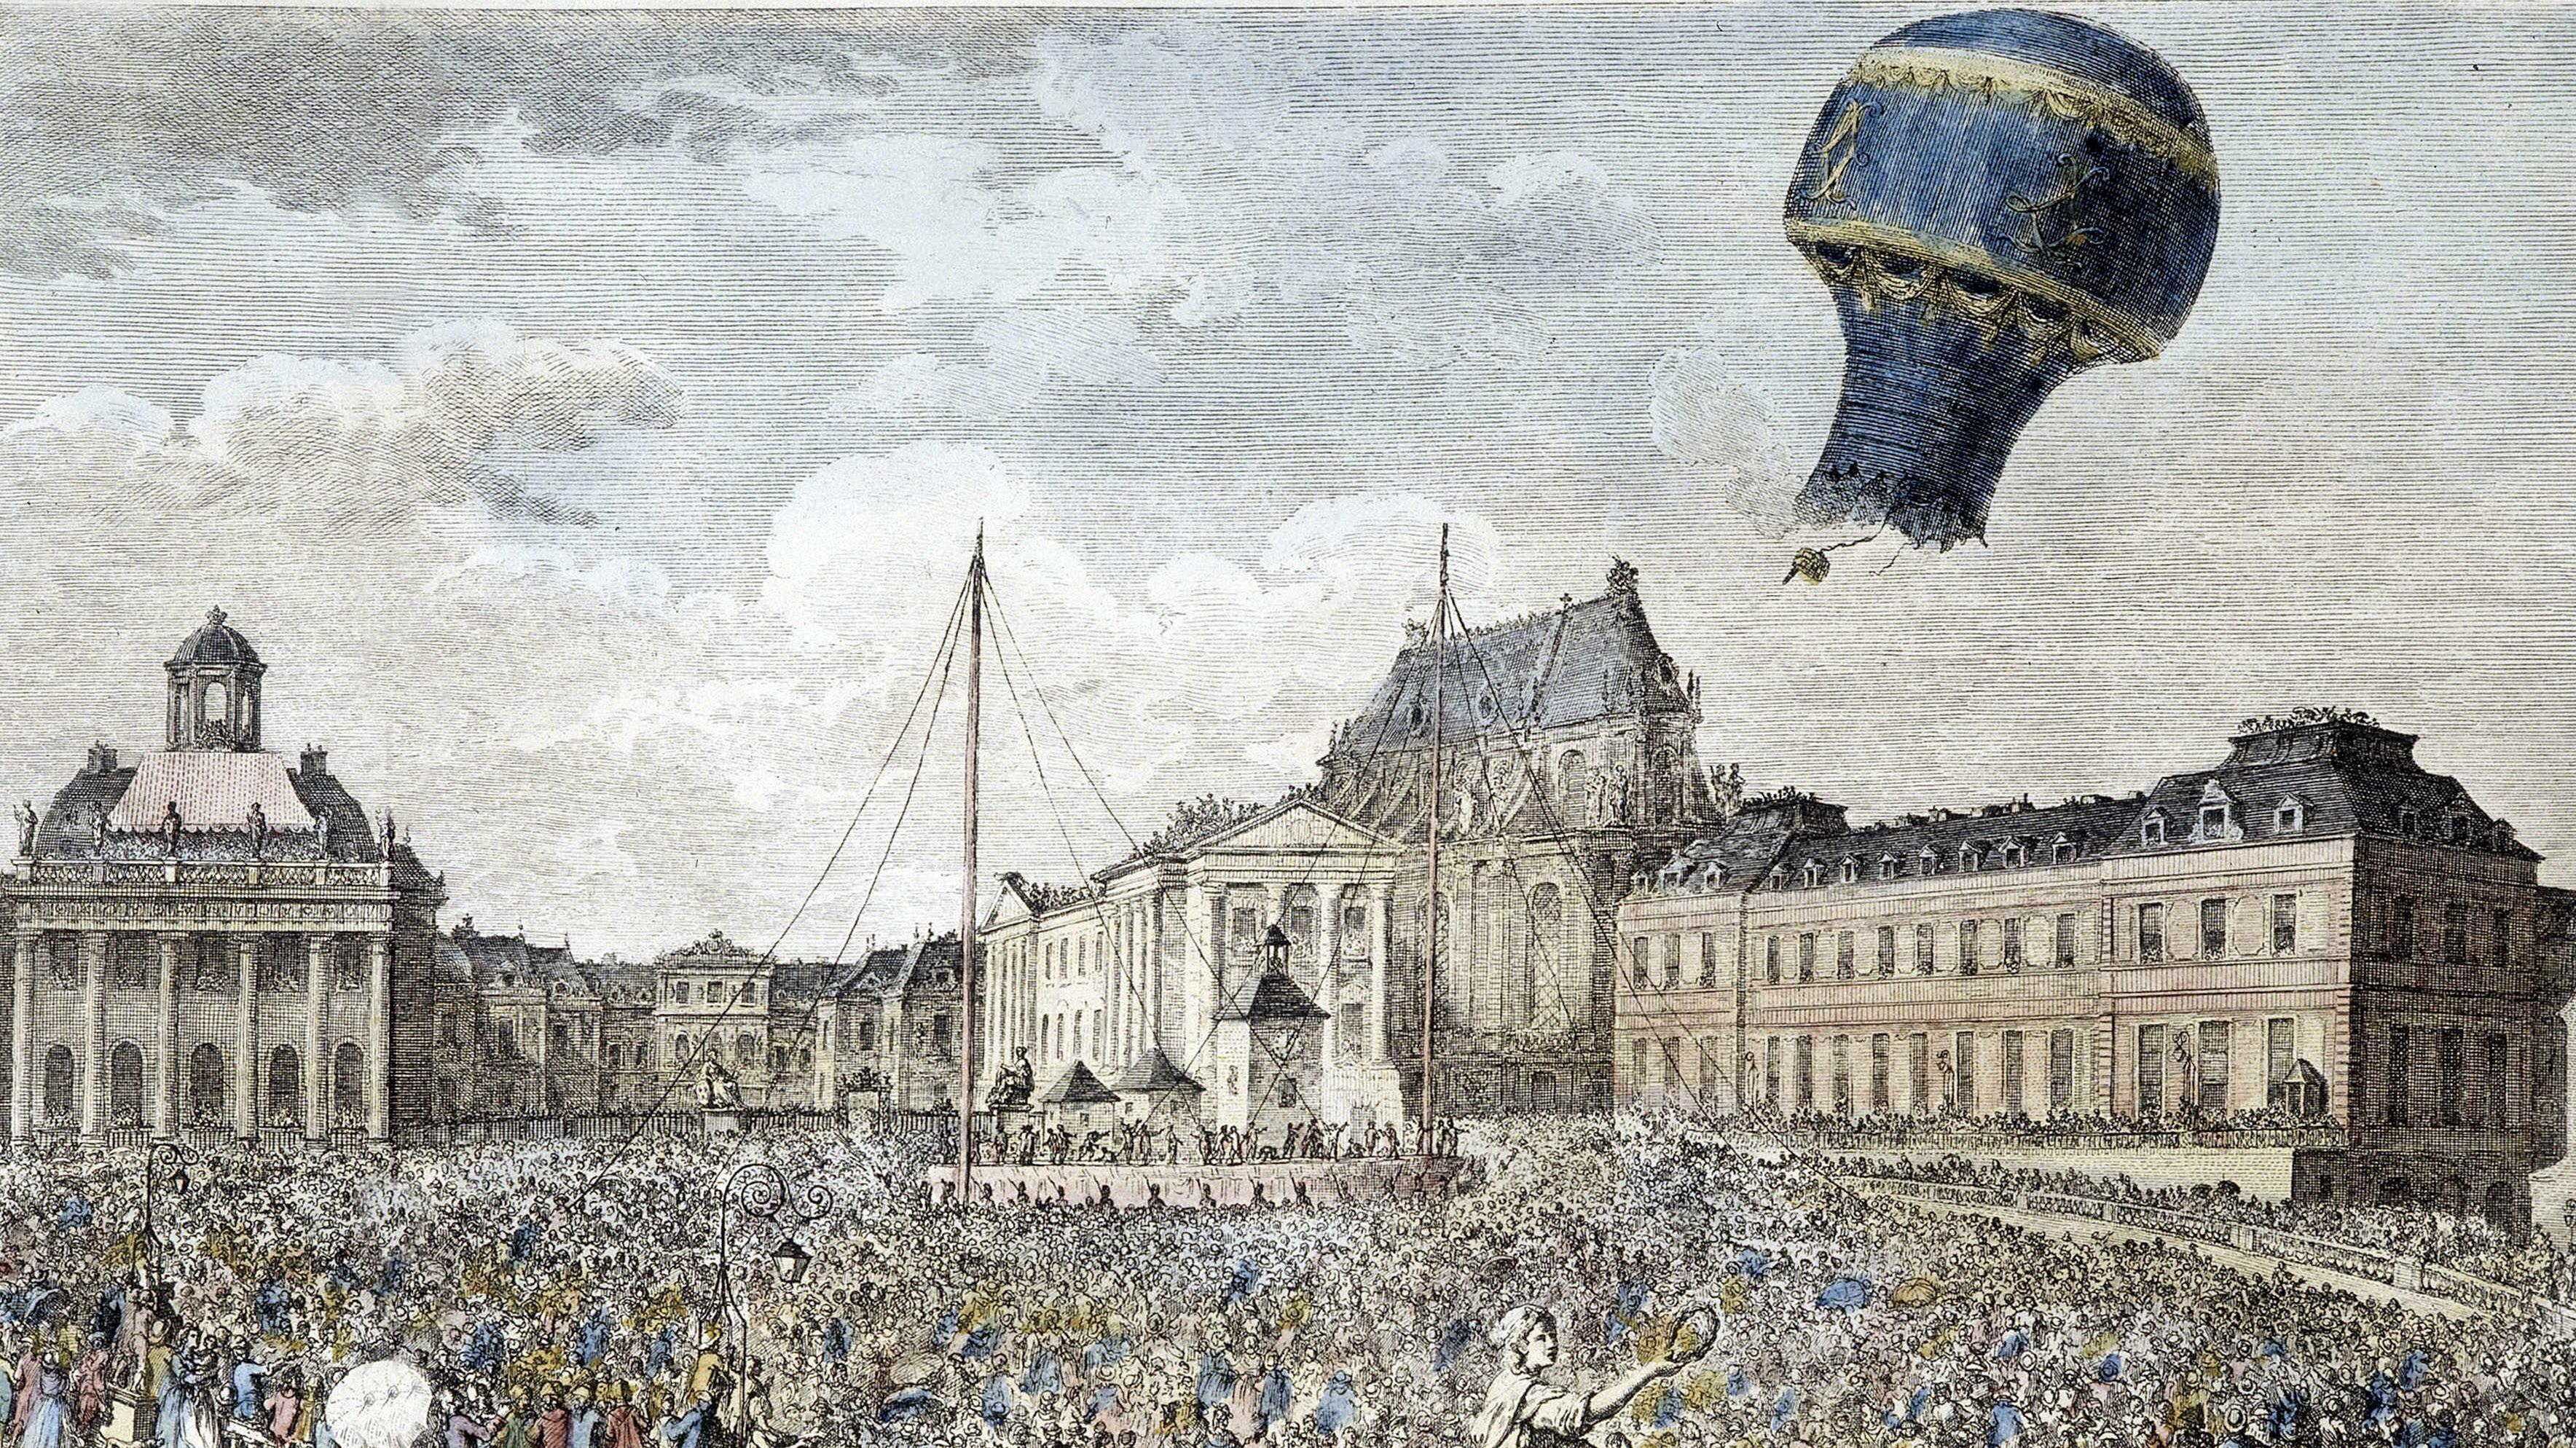 Heißluftballon der Brüder Montgolfier